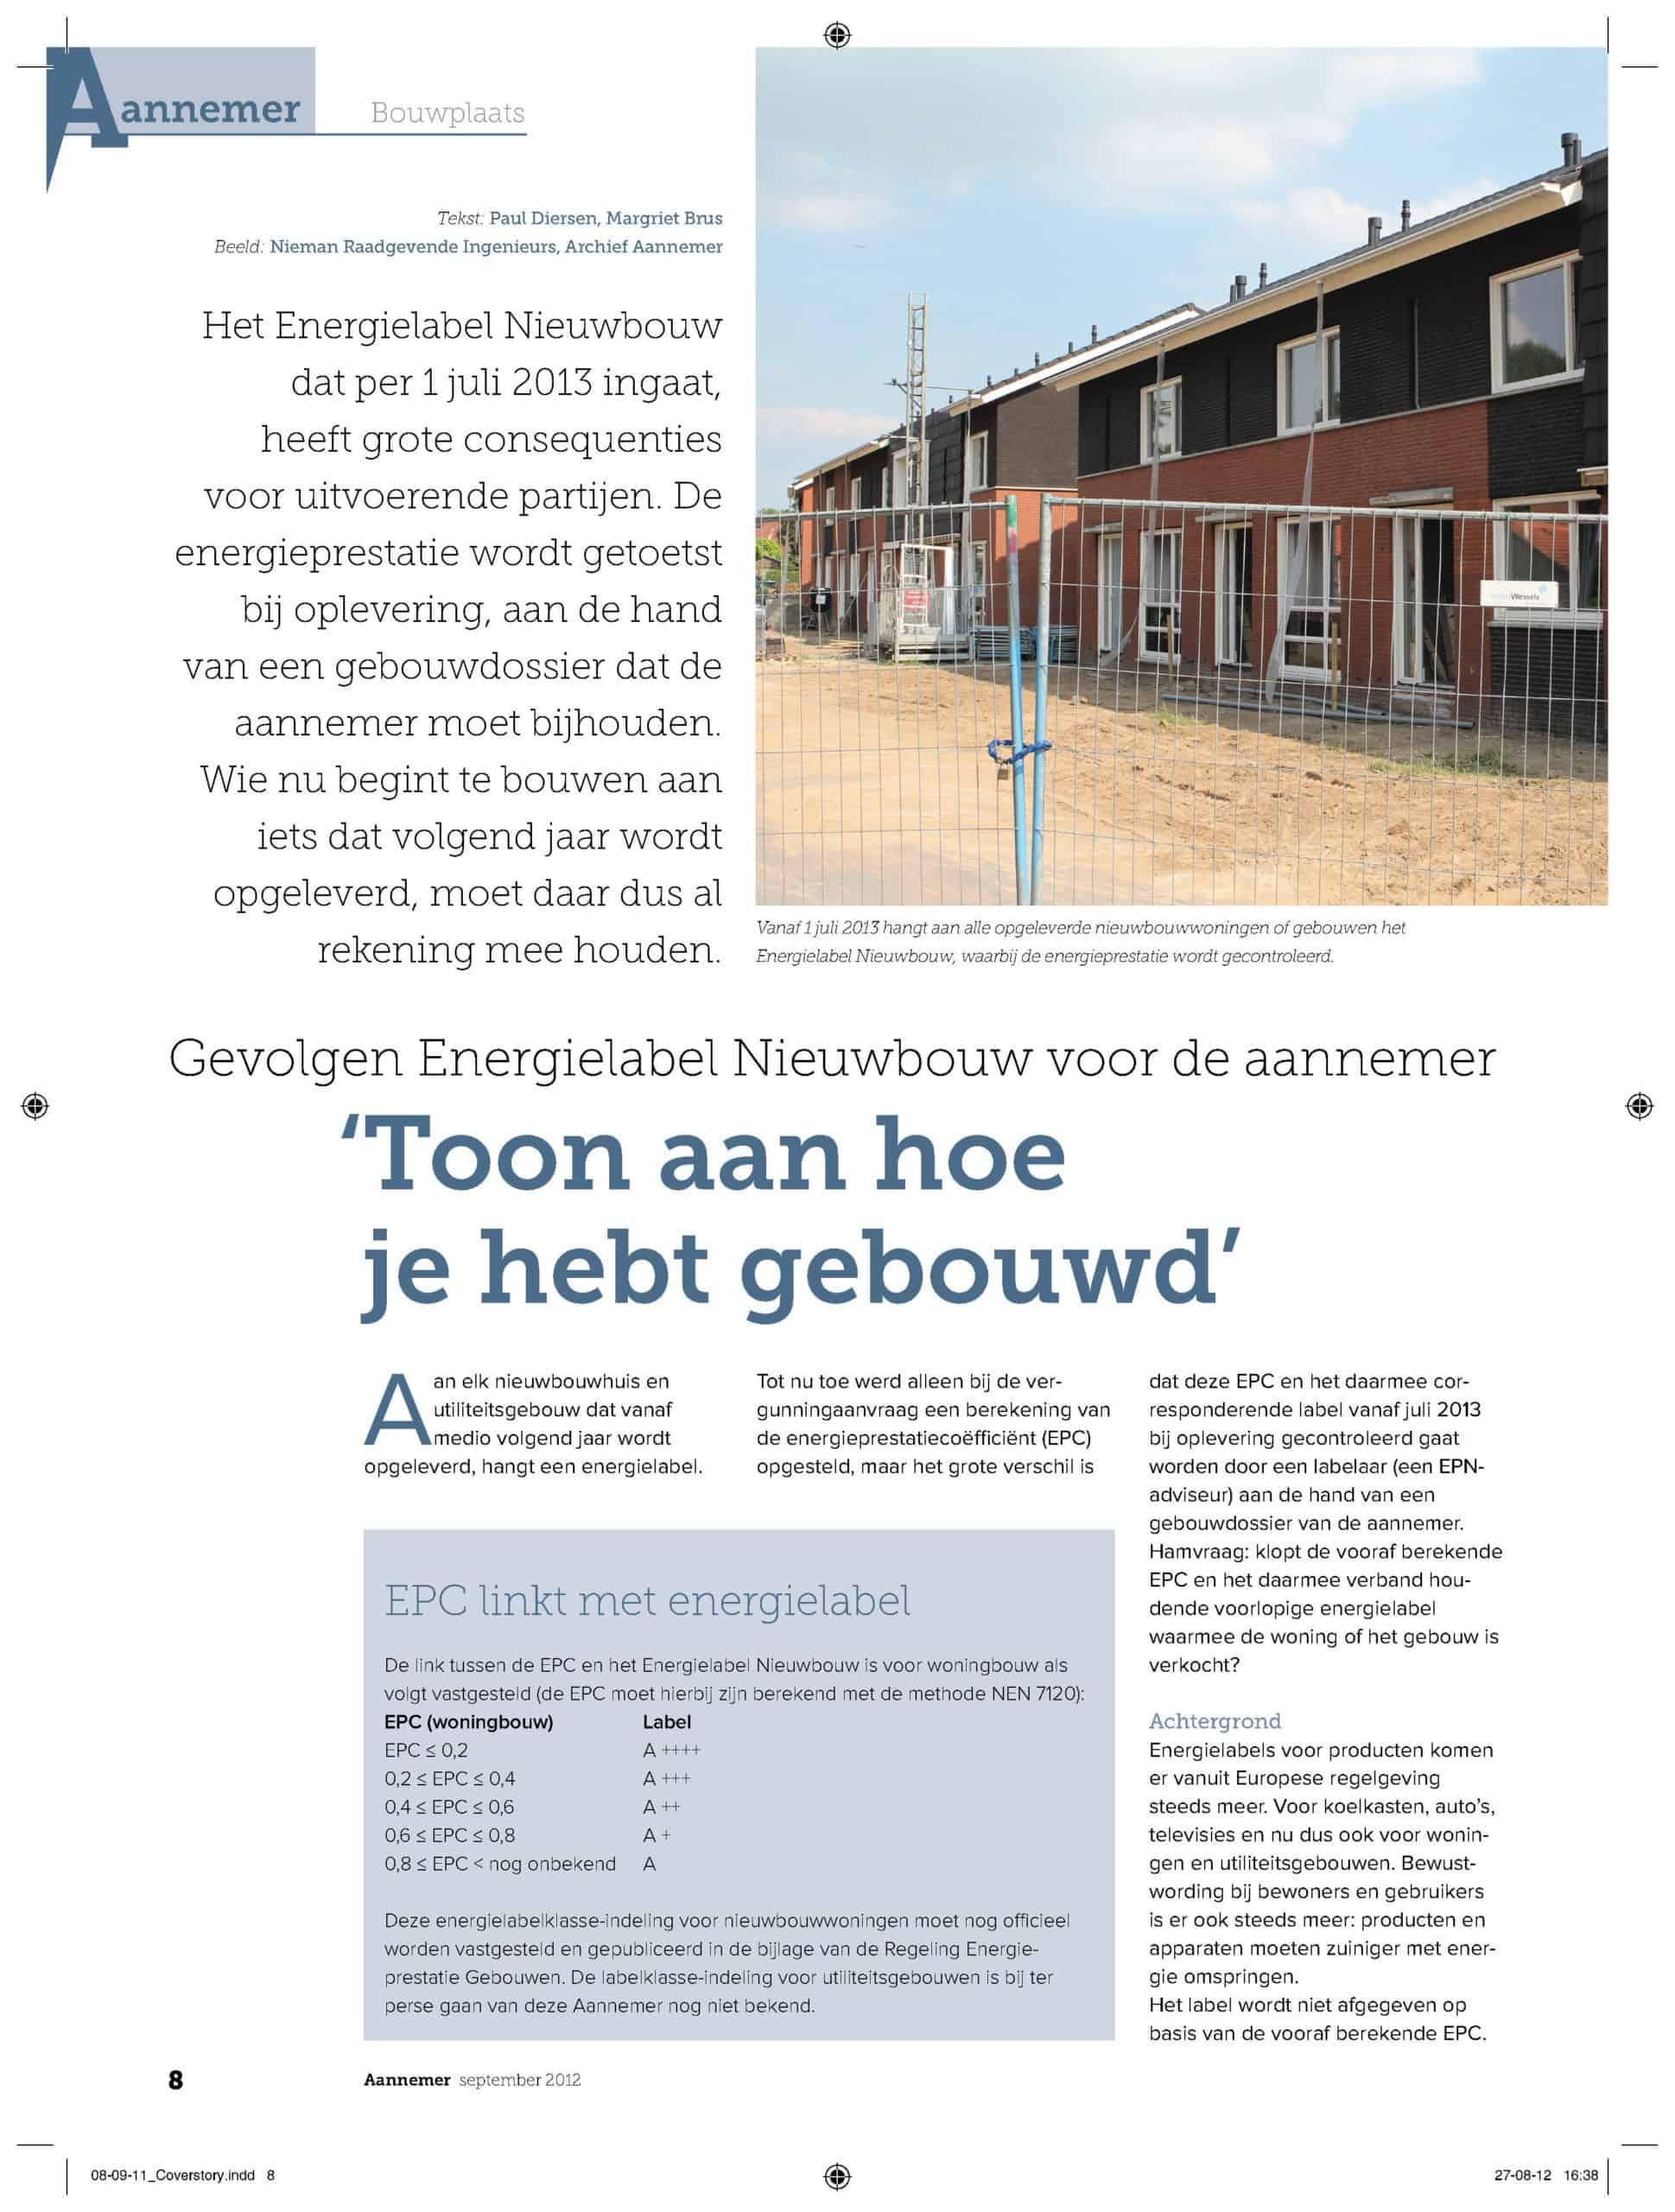 AannemerBouwplaats_2012-09_Gevolgen-Energielabel-Nieuwbouw-voor-de-aannemer_1-1-scaled